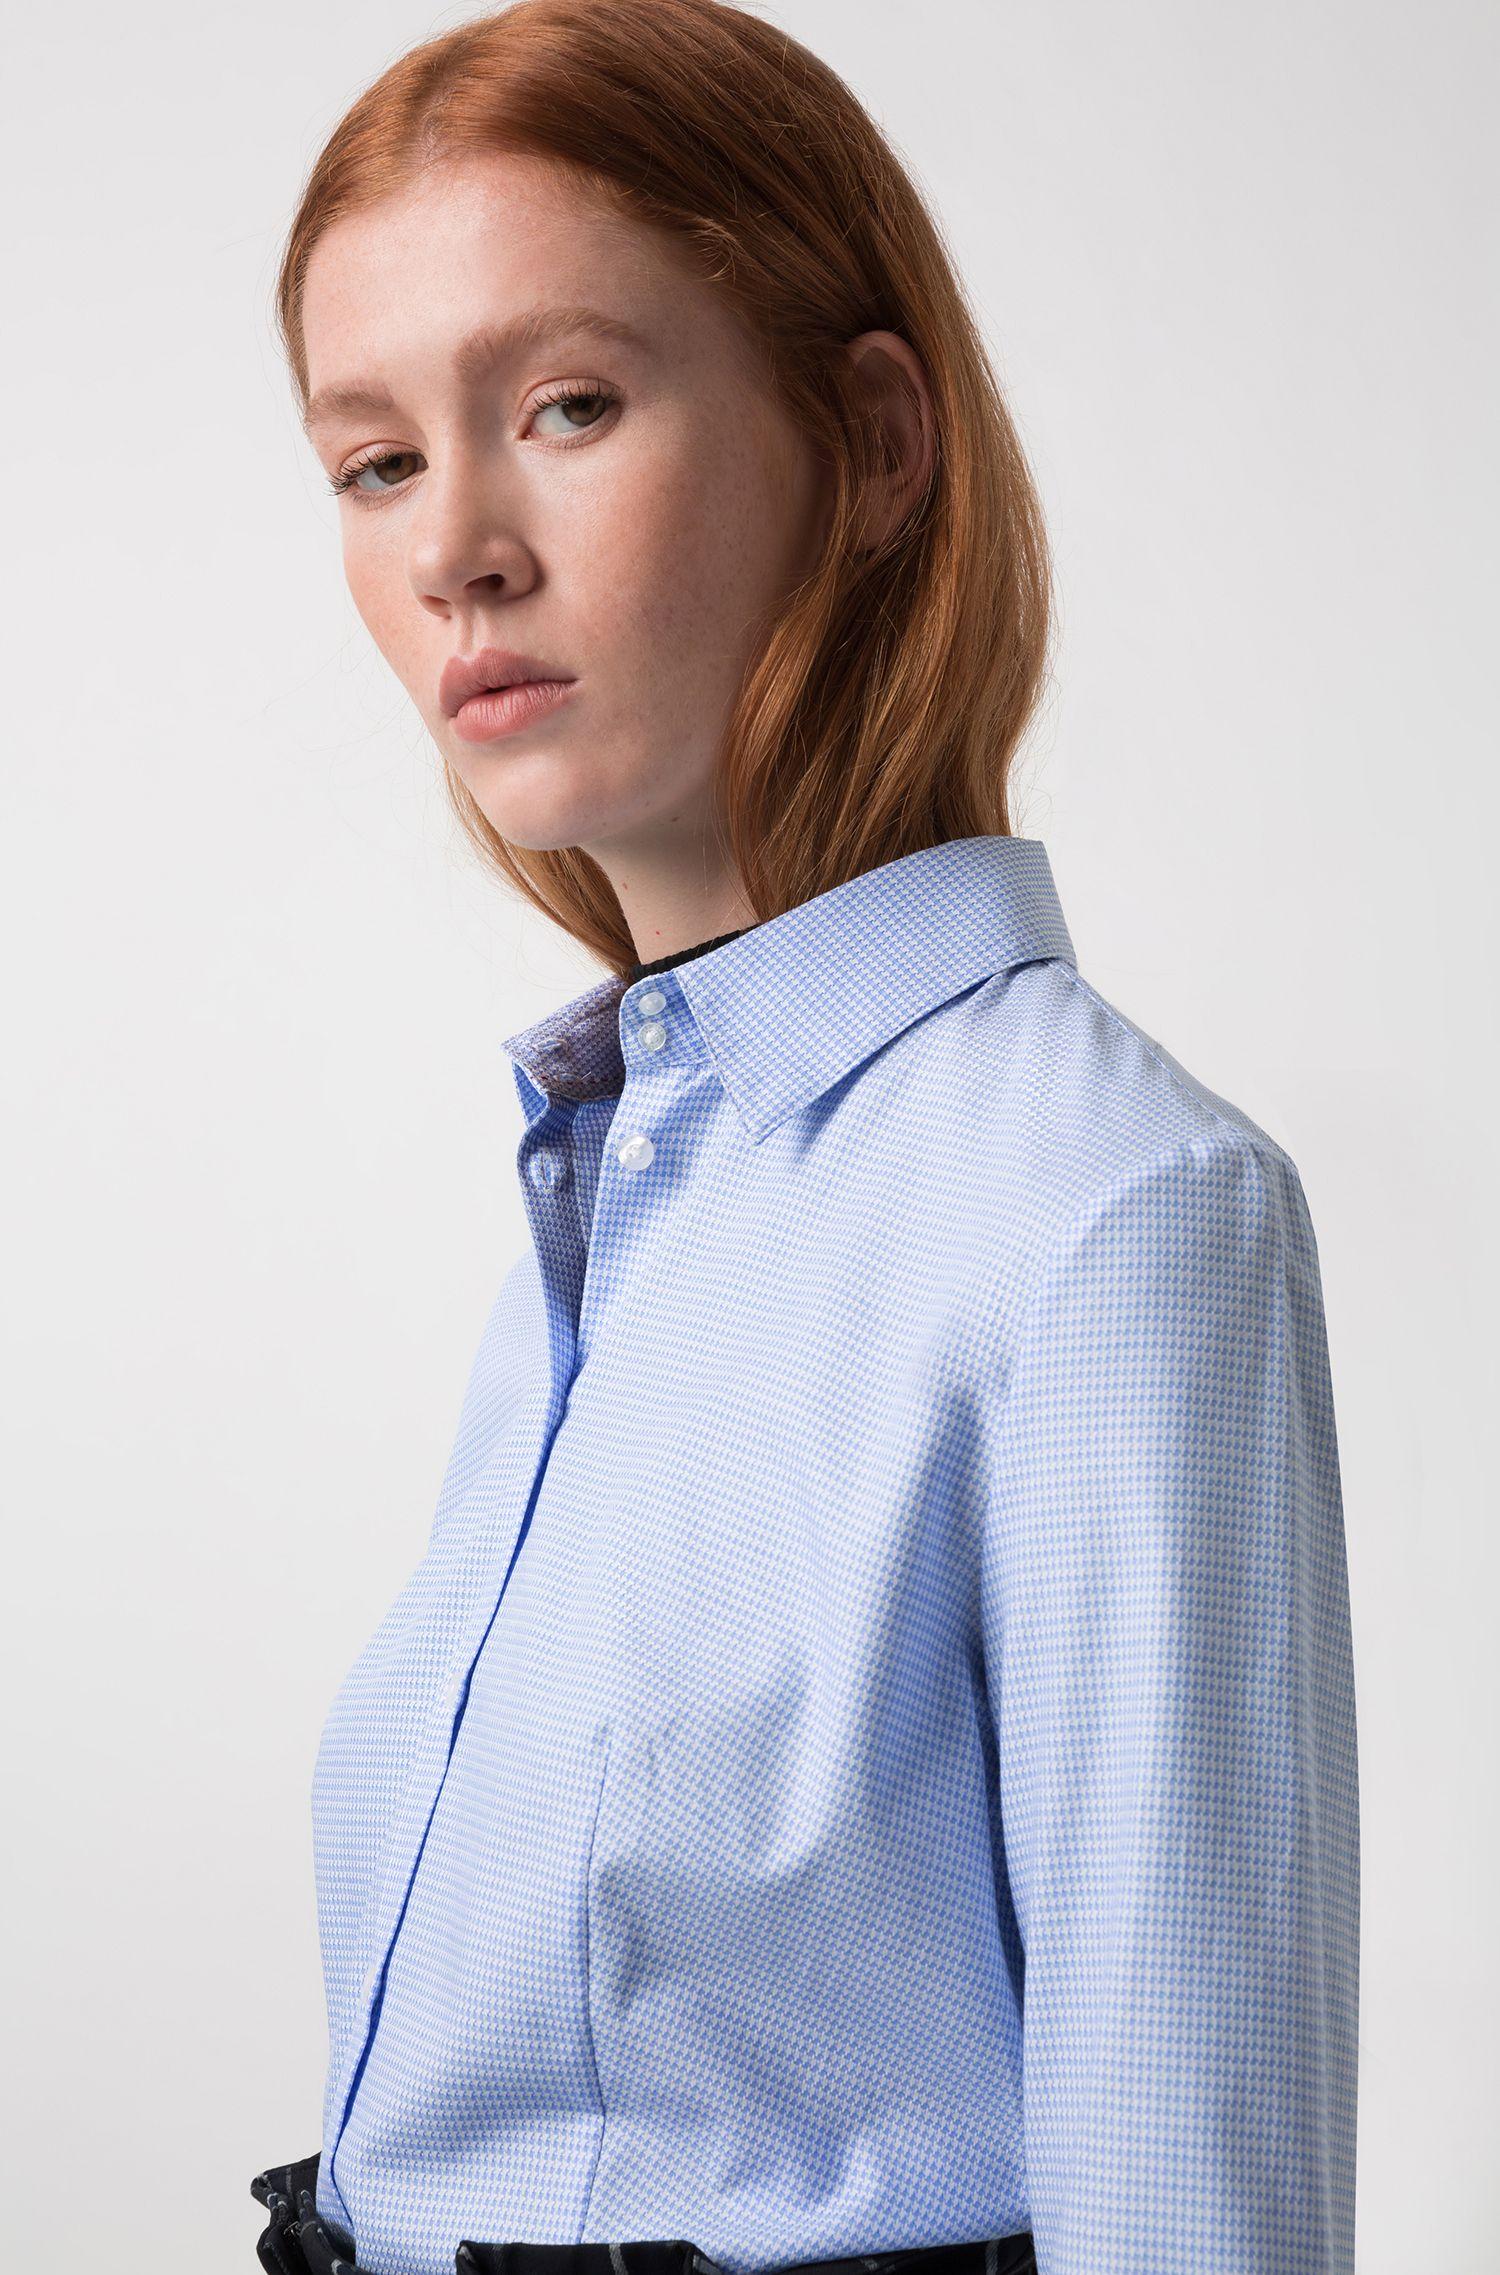 Blusa slim fit de algodón en jacquard con microestampado de pata de gallo, Celeste